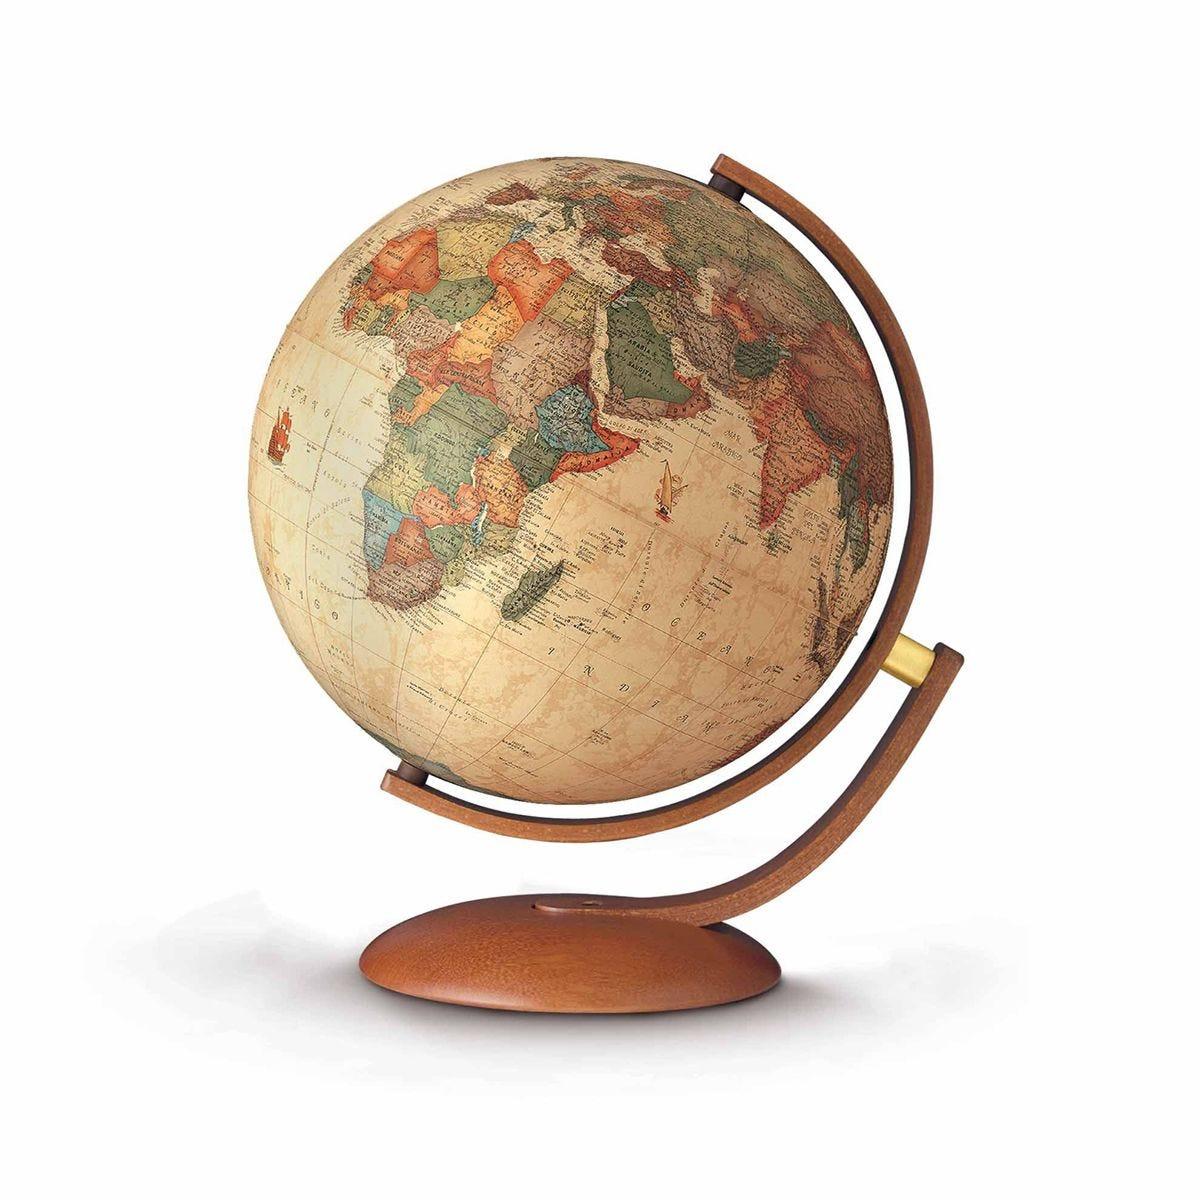 Nova Rico 37cm Optimus Illuminated Globe